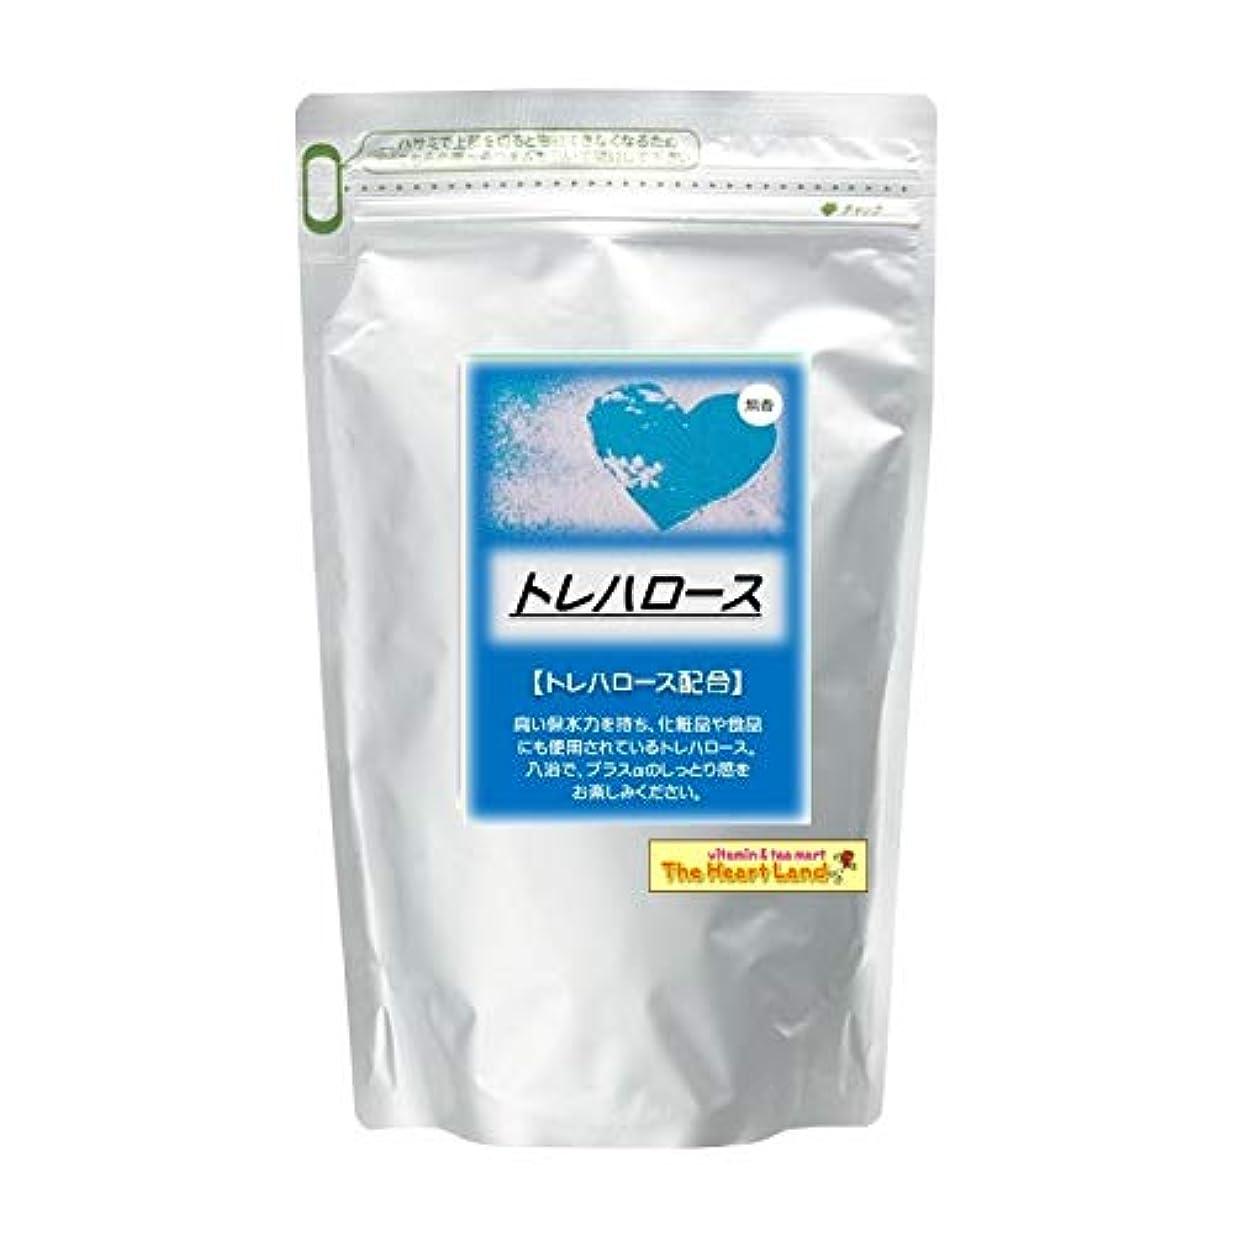 エッセンス最大の評論家アサヒ入浴剤 浴用入浴化粧品 トレハロース 2.5kg